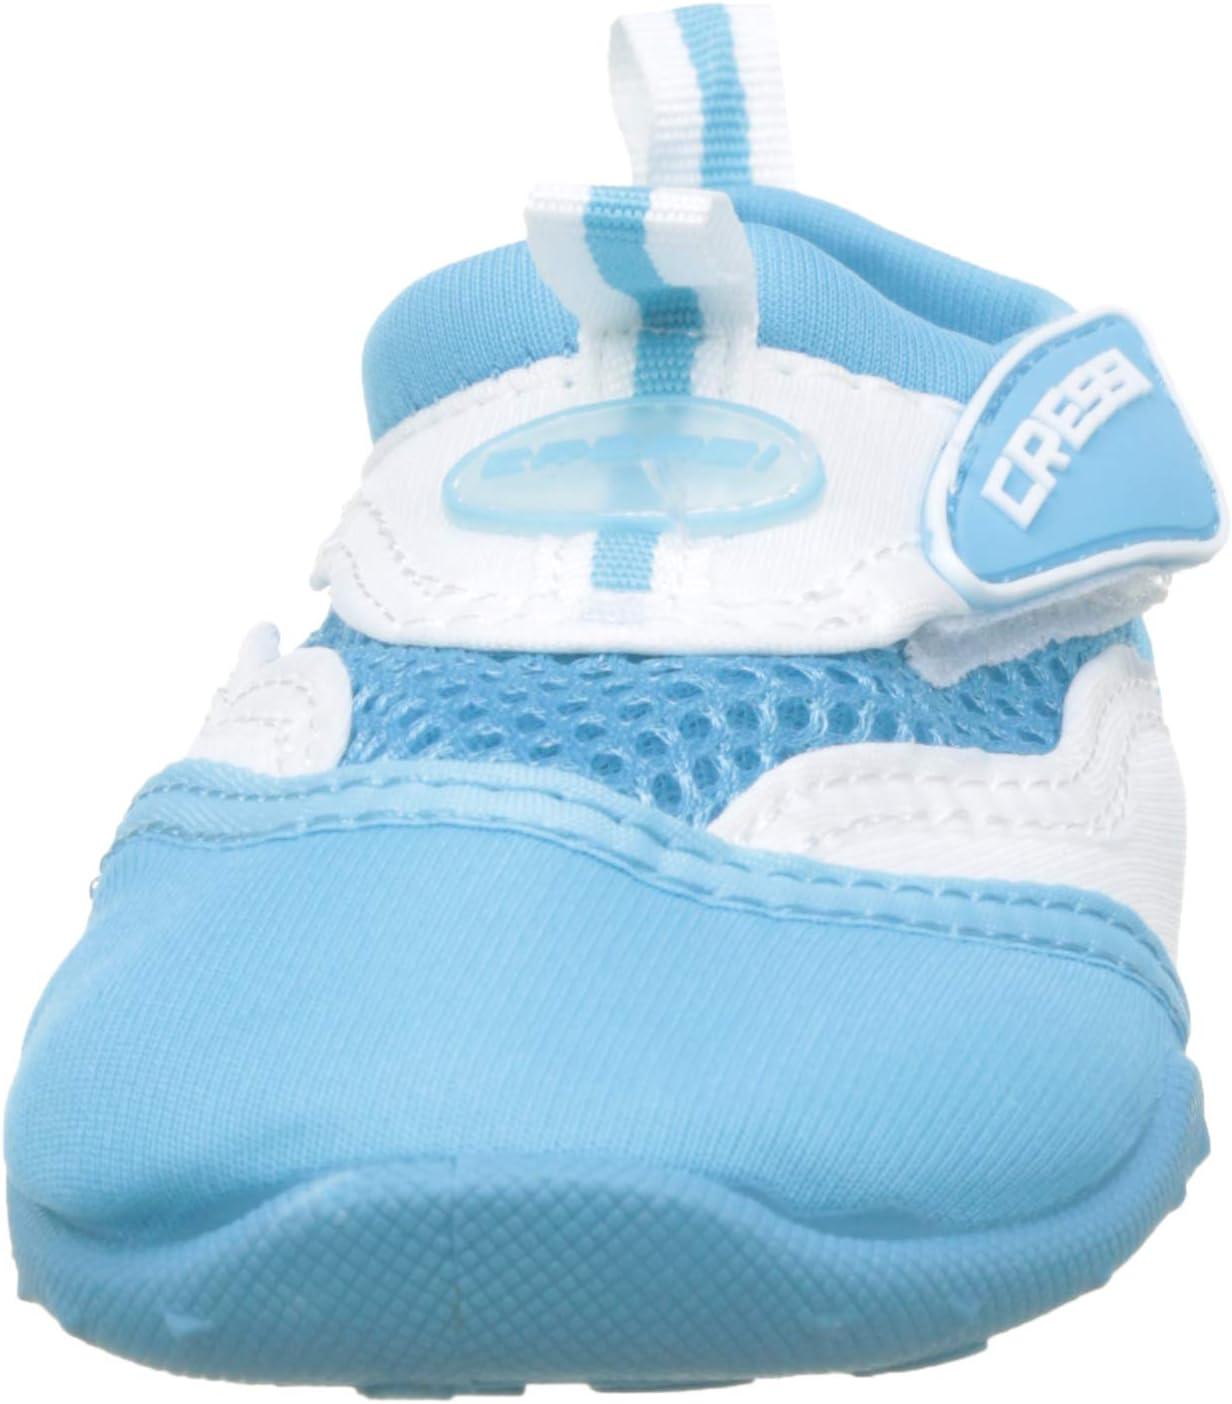 Cressi Coral Chaussures de Plage et Piscine Enfant